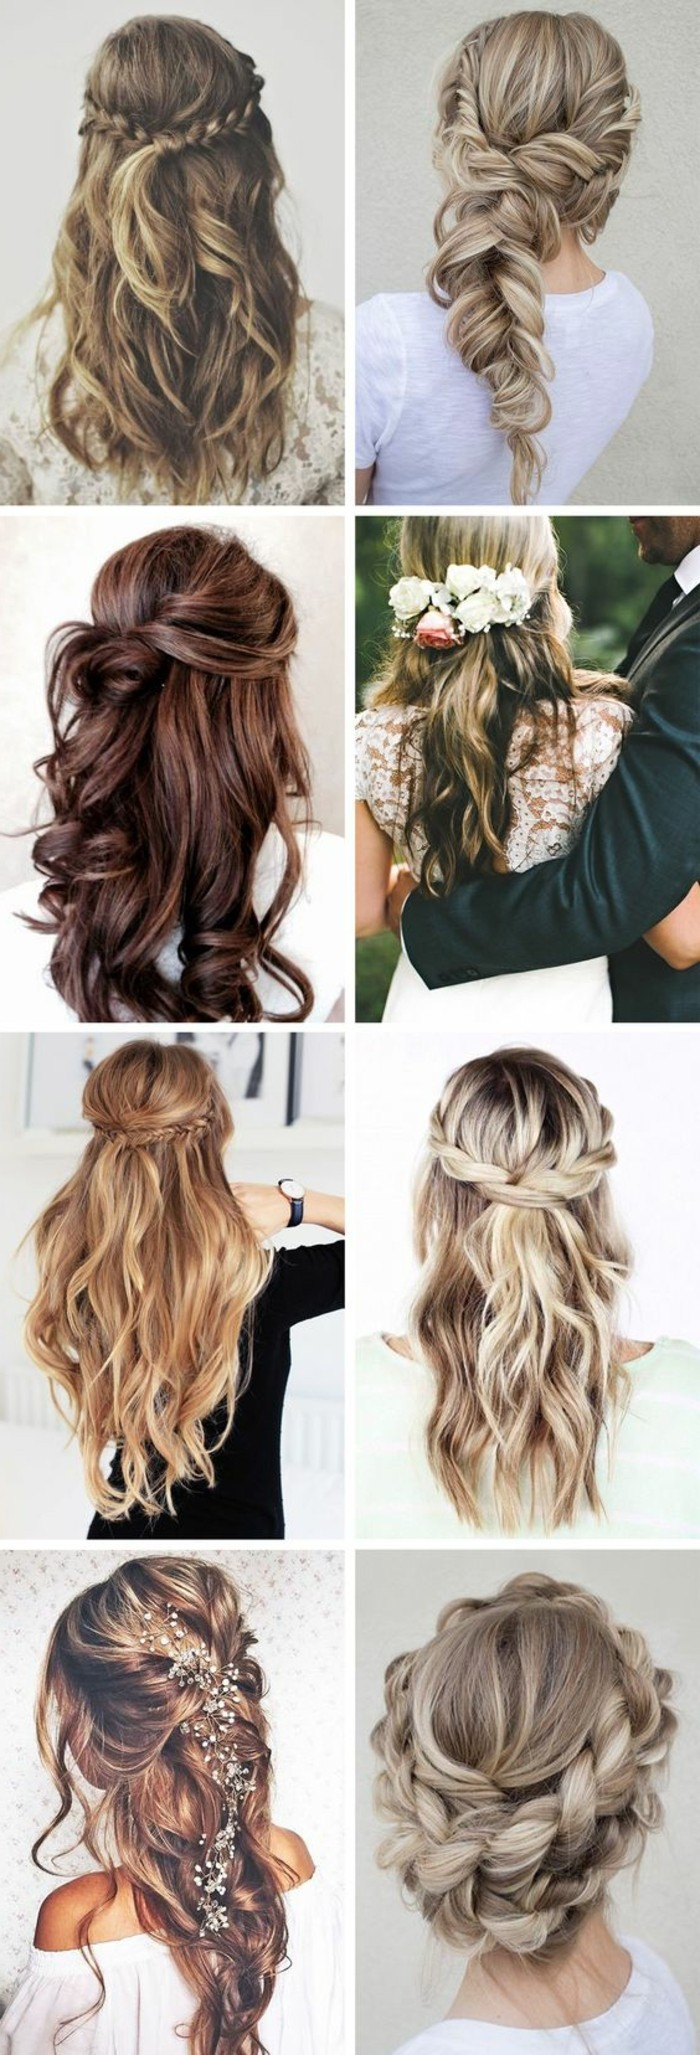 Acconciature capelli lunghi lisci, proposte pettinature, capelli con trecce